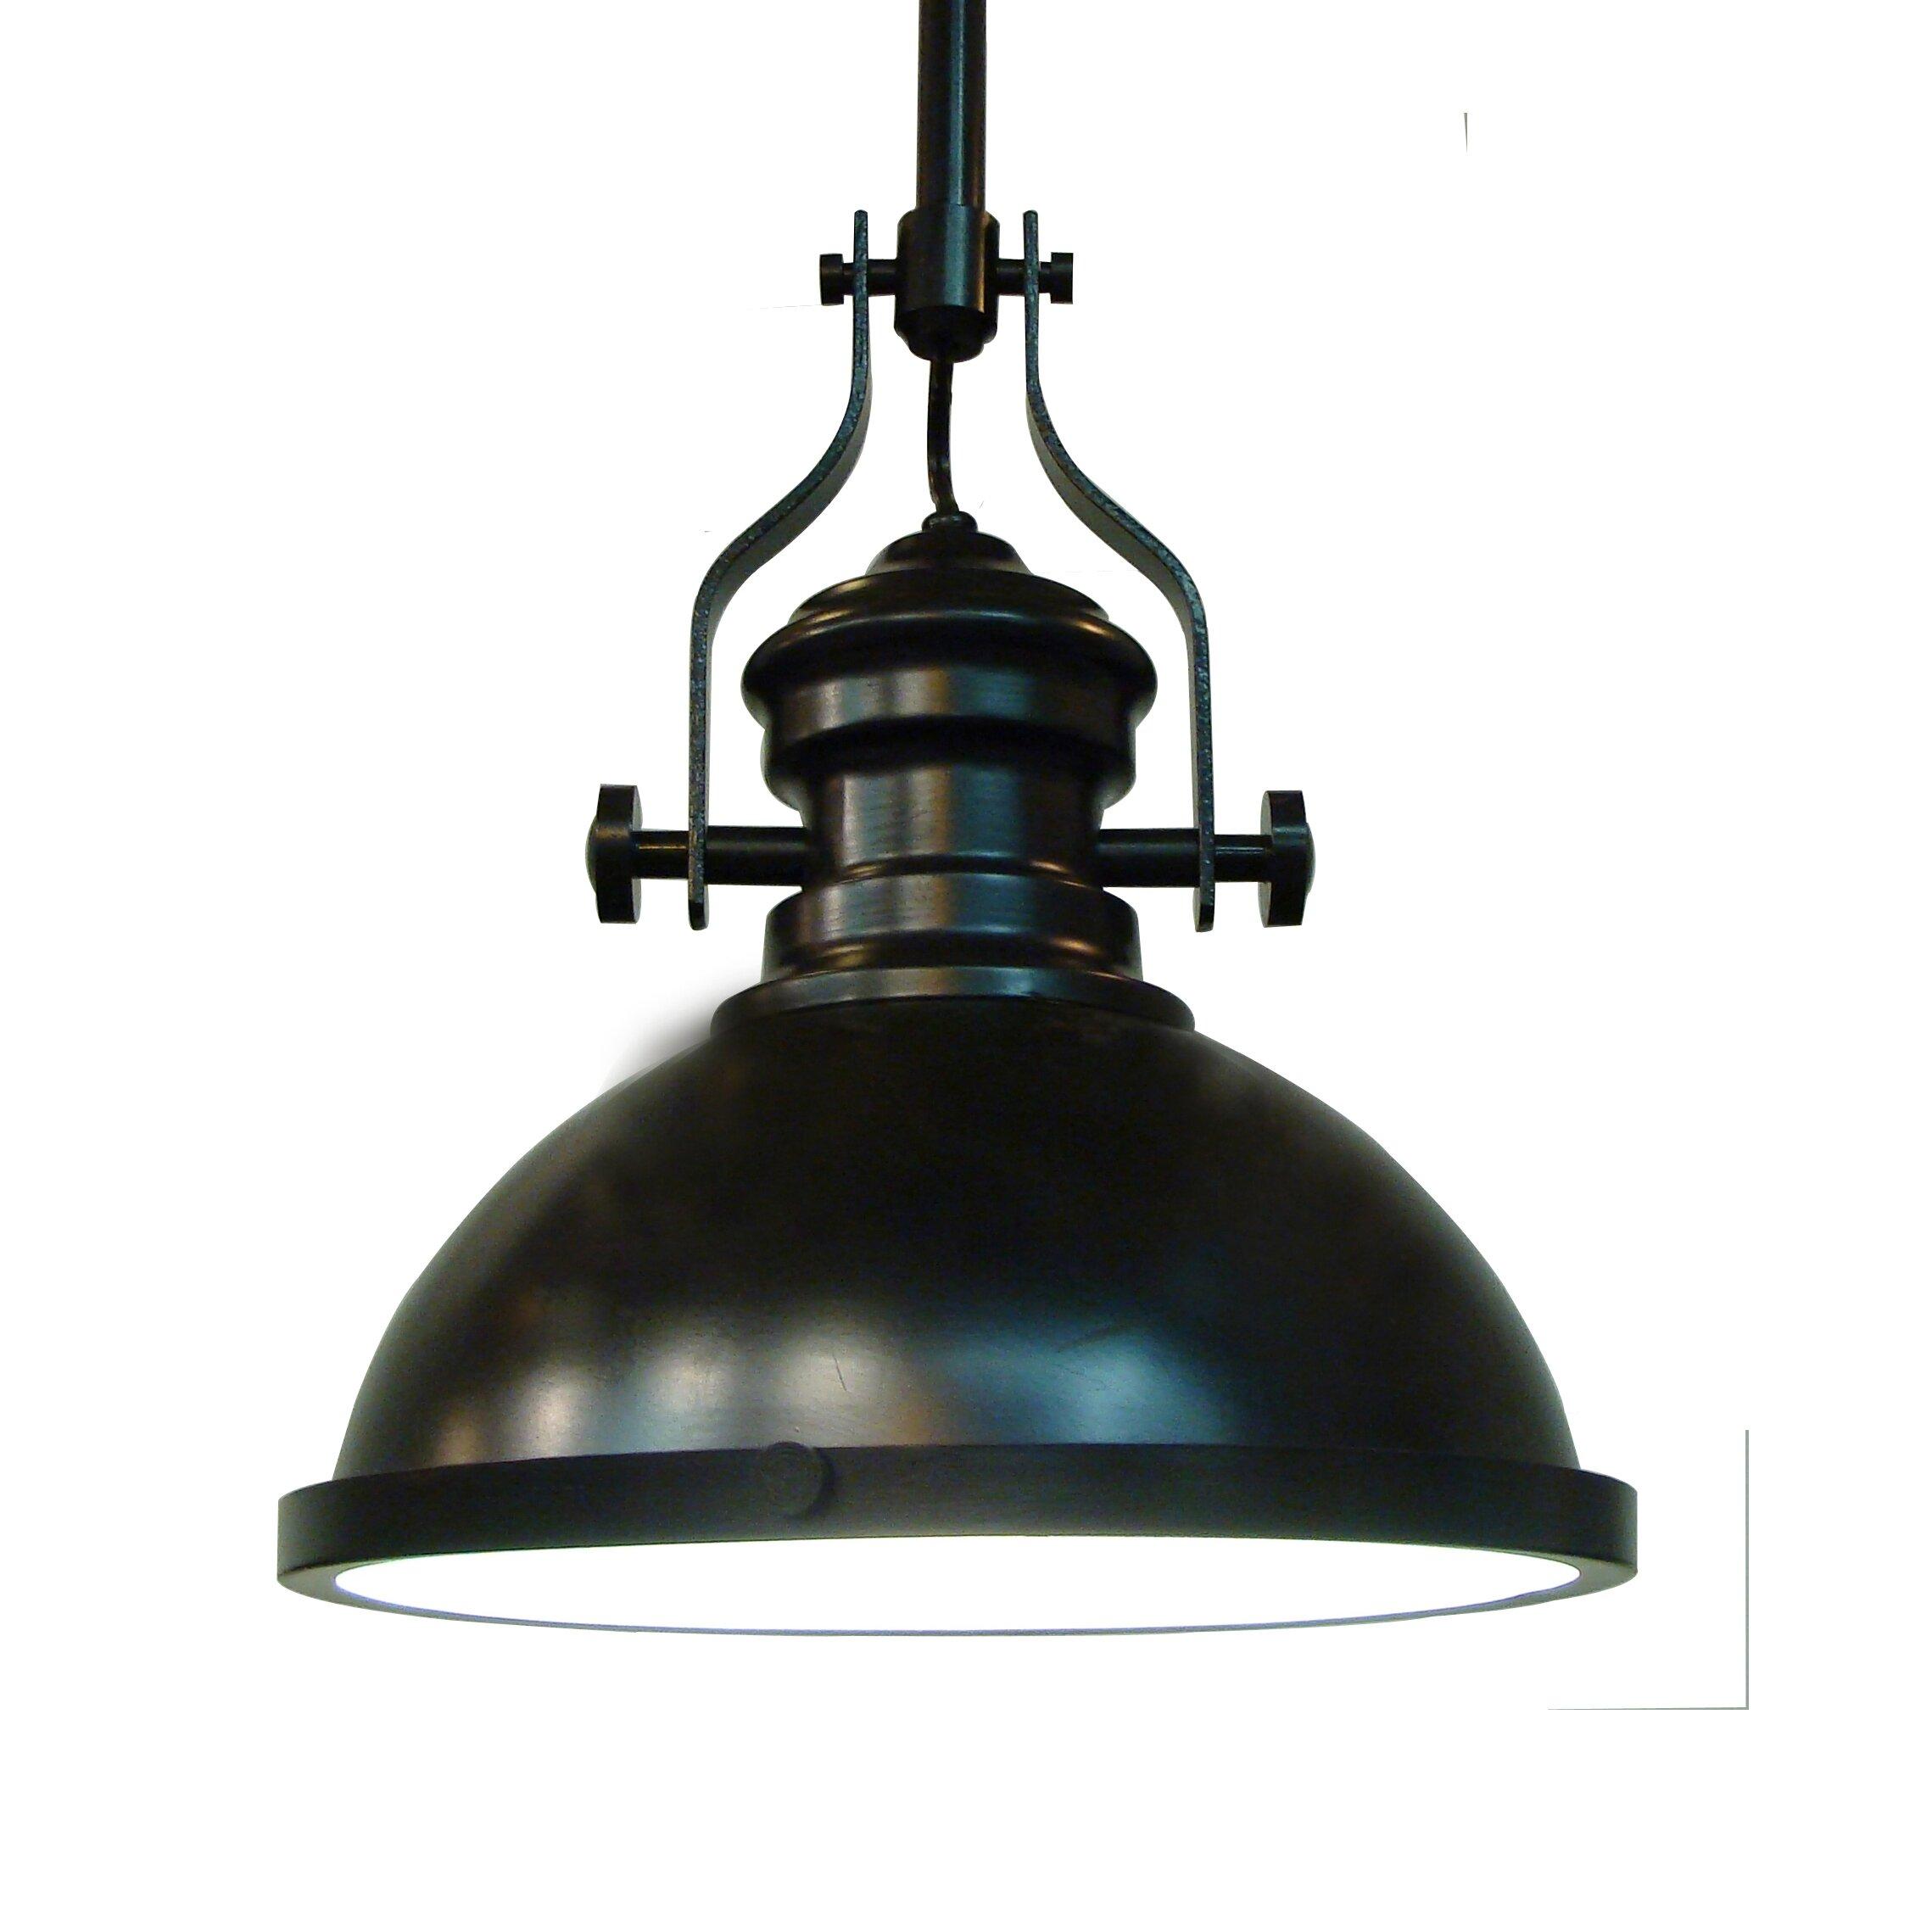 Fine art lighting restoration 1 light bowl pendant for Artistic pendant lights